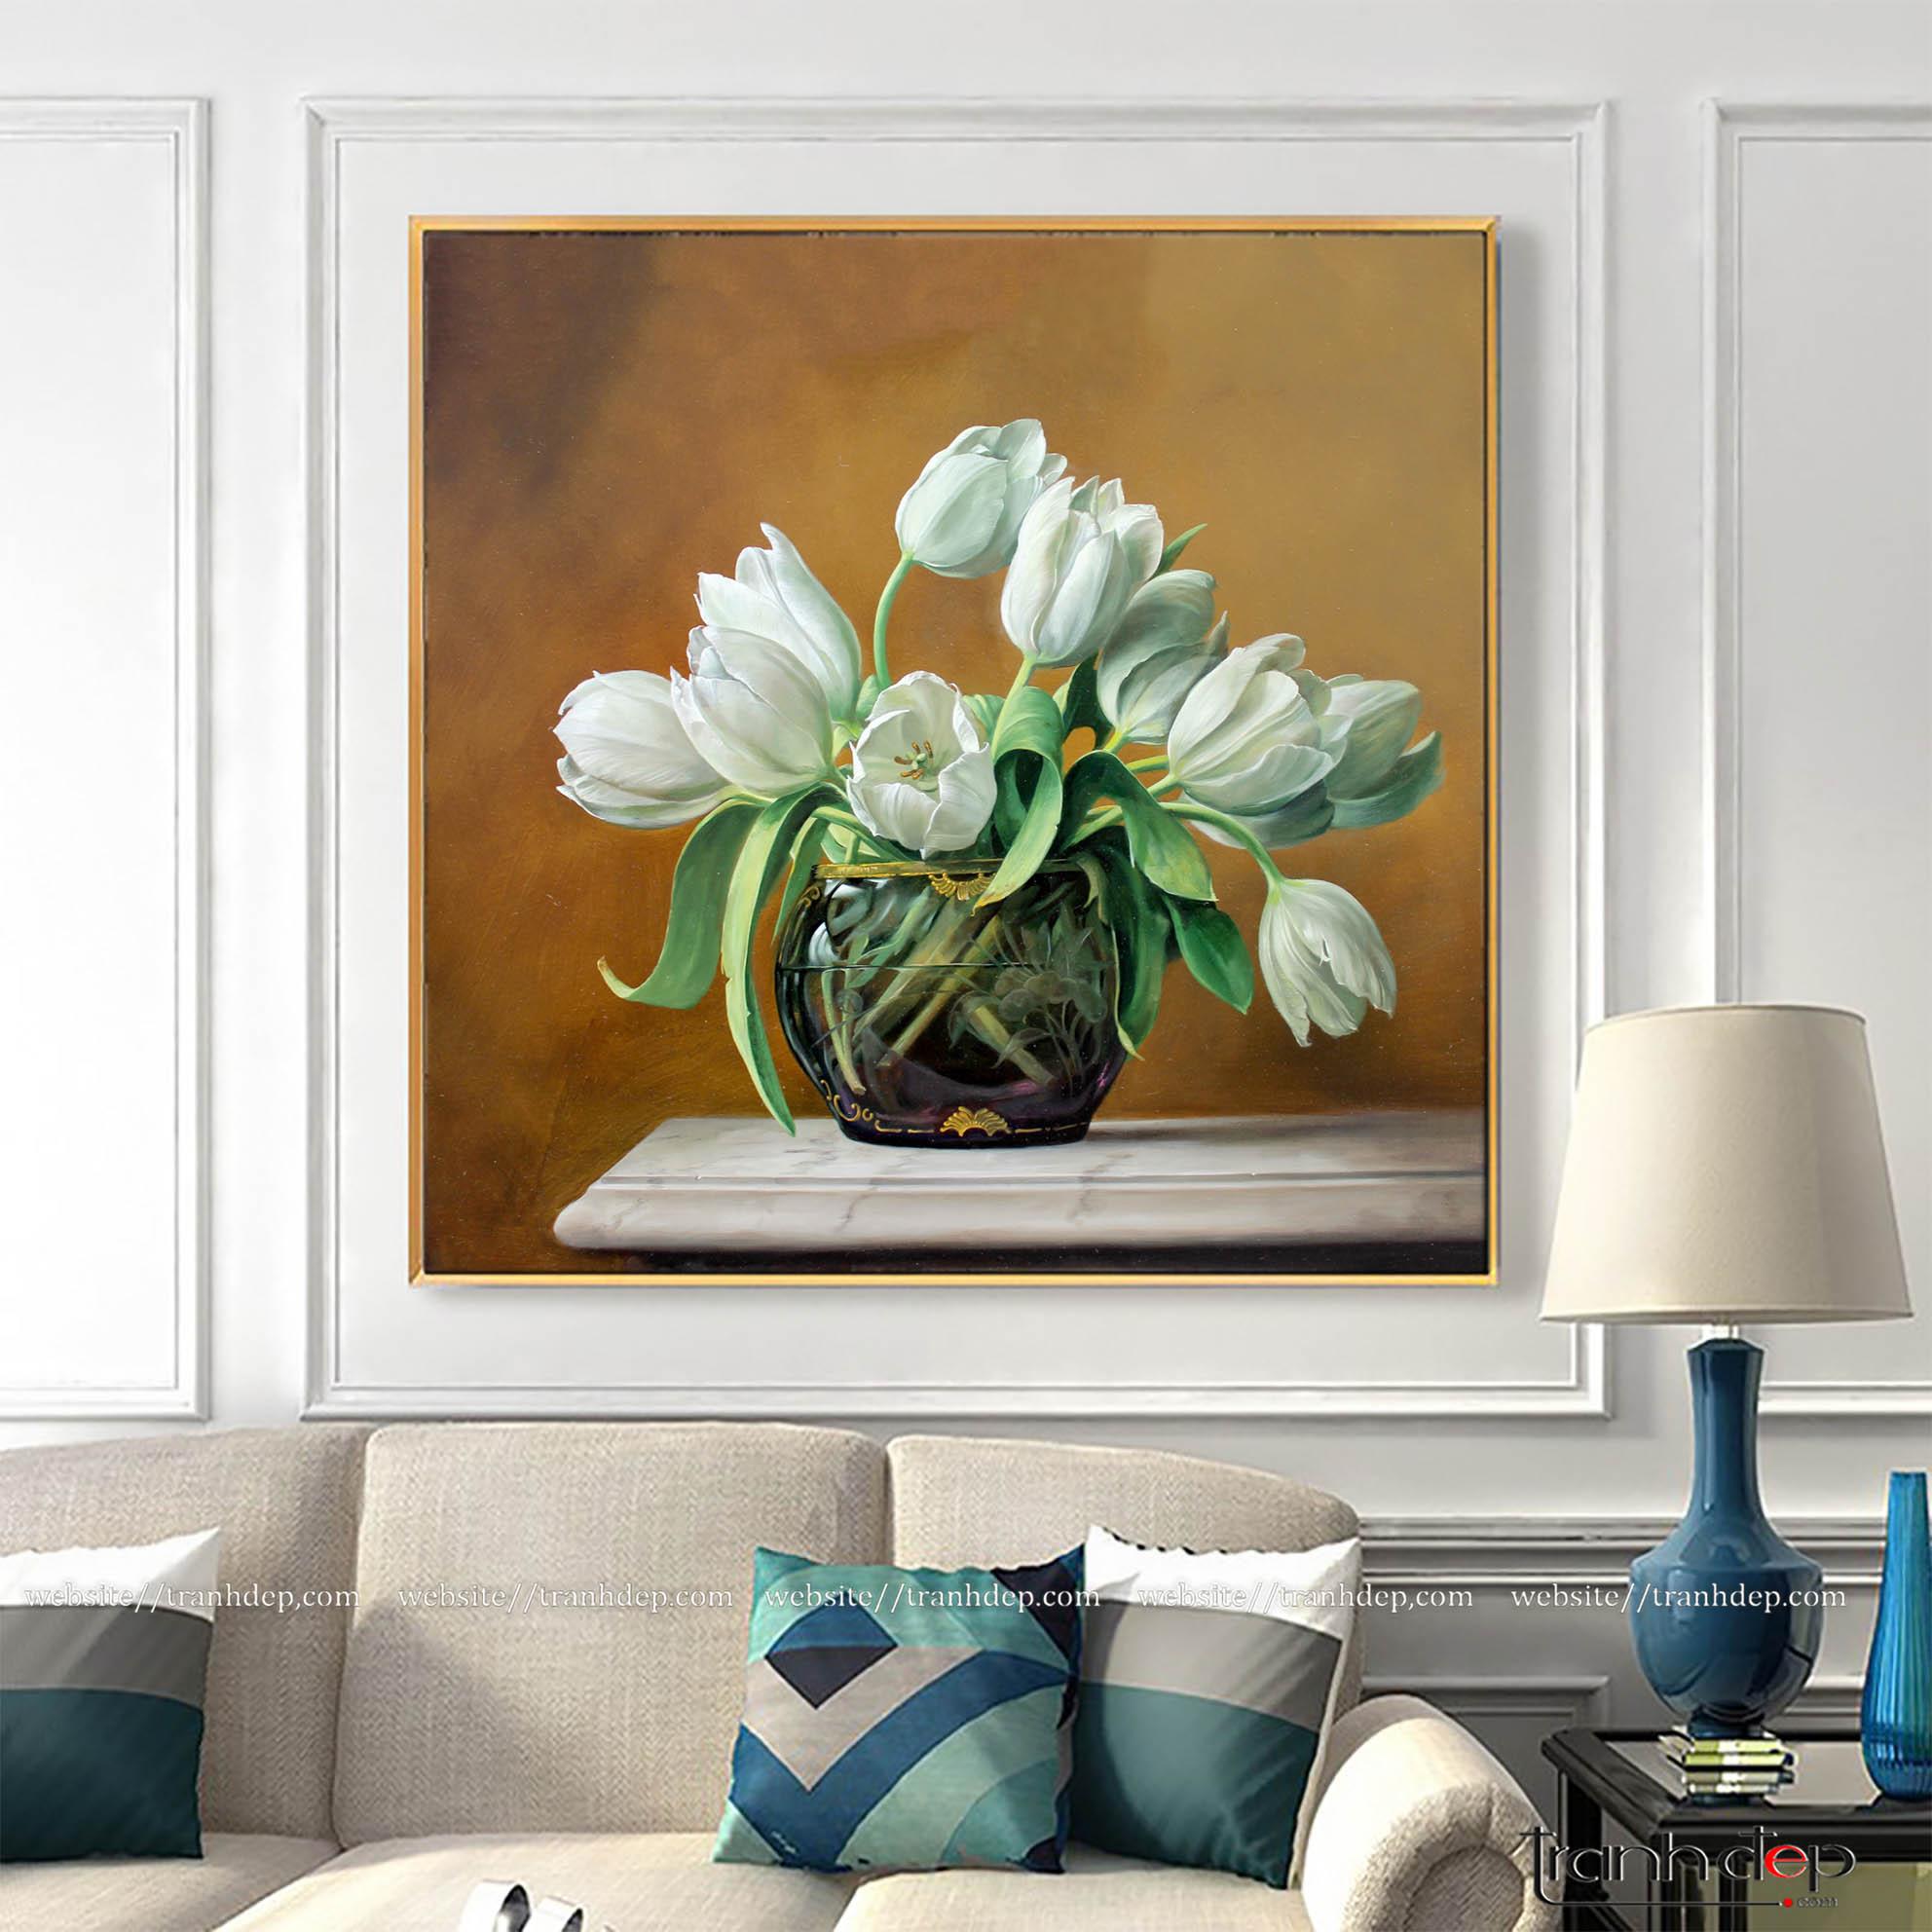 Tranh bình tulip trắng treo tường đẹp